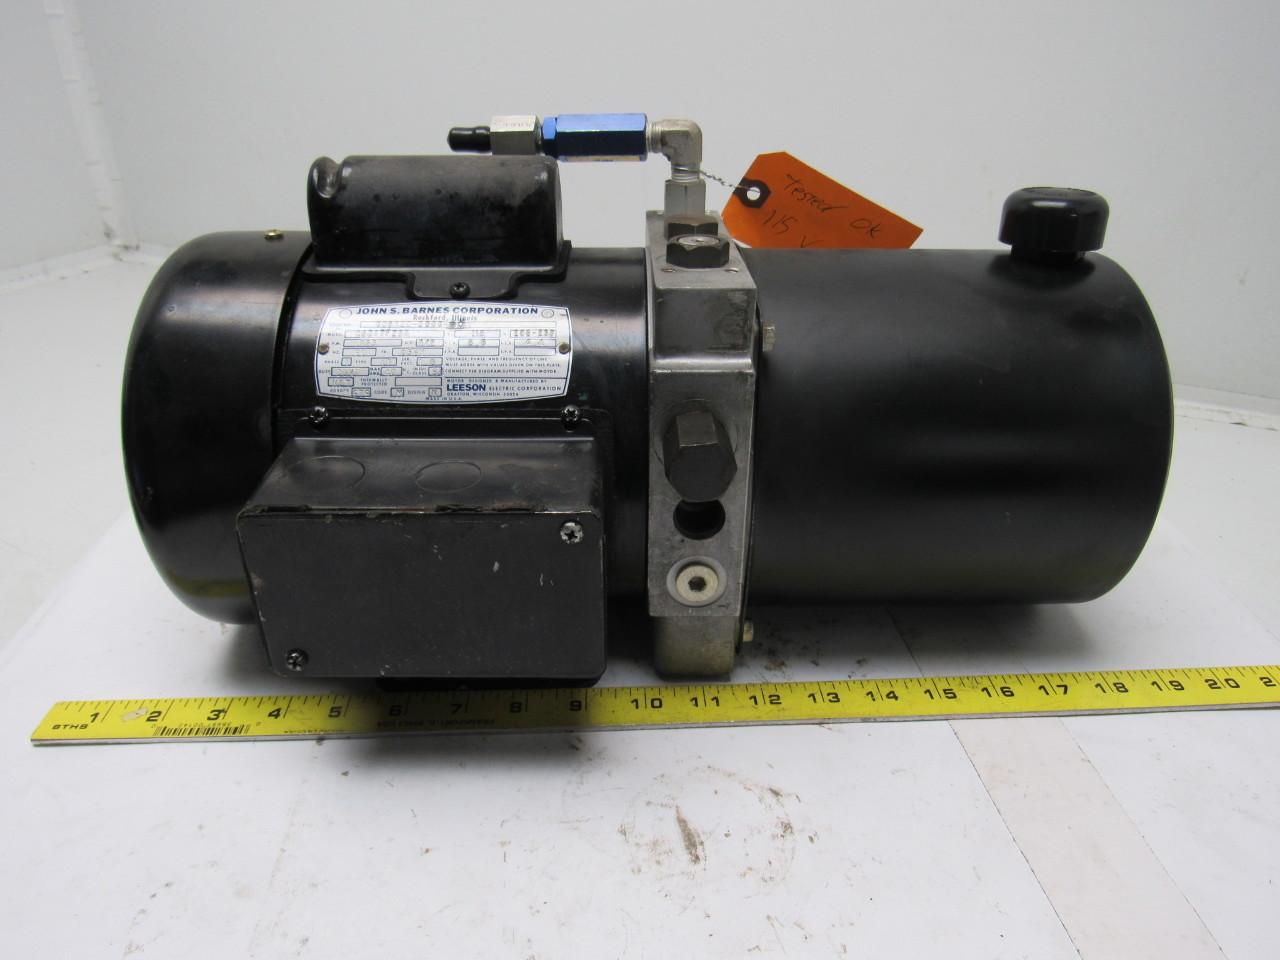 John s barnes corp c6c17fz5a hydraulic pump w leeson 1 2 for Hydraulic pump with motor